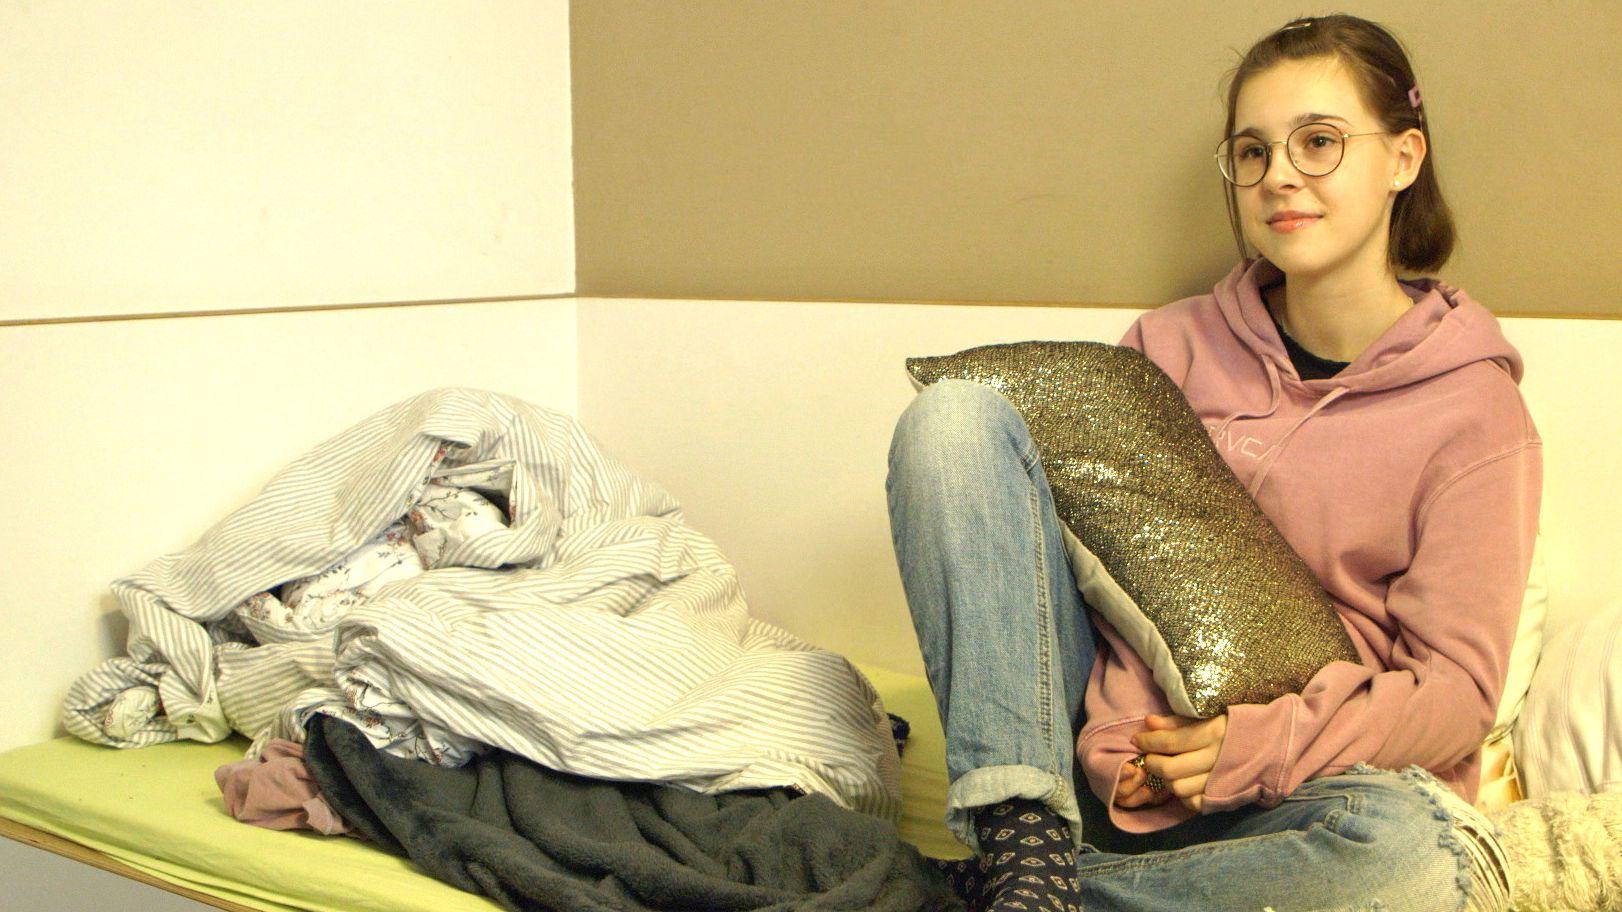 Die 15-jährige Greta leidet seit Jahren an einer Depression